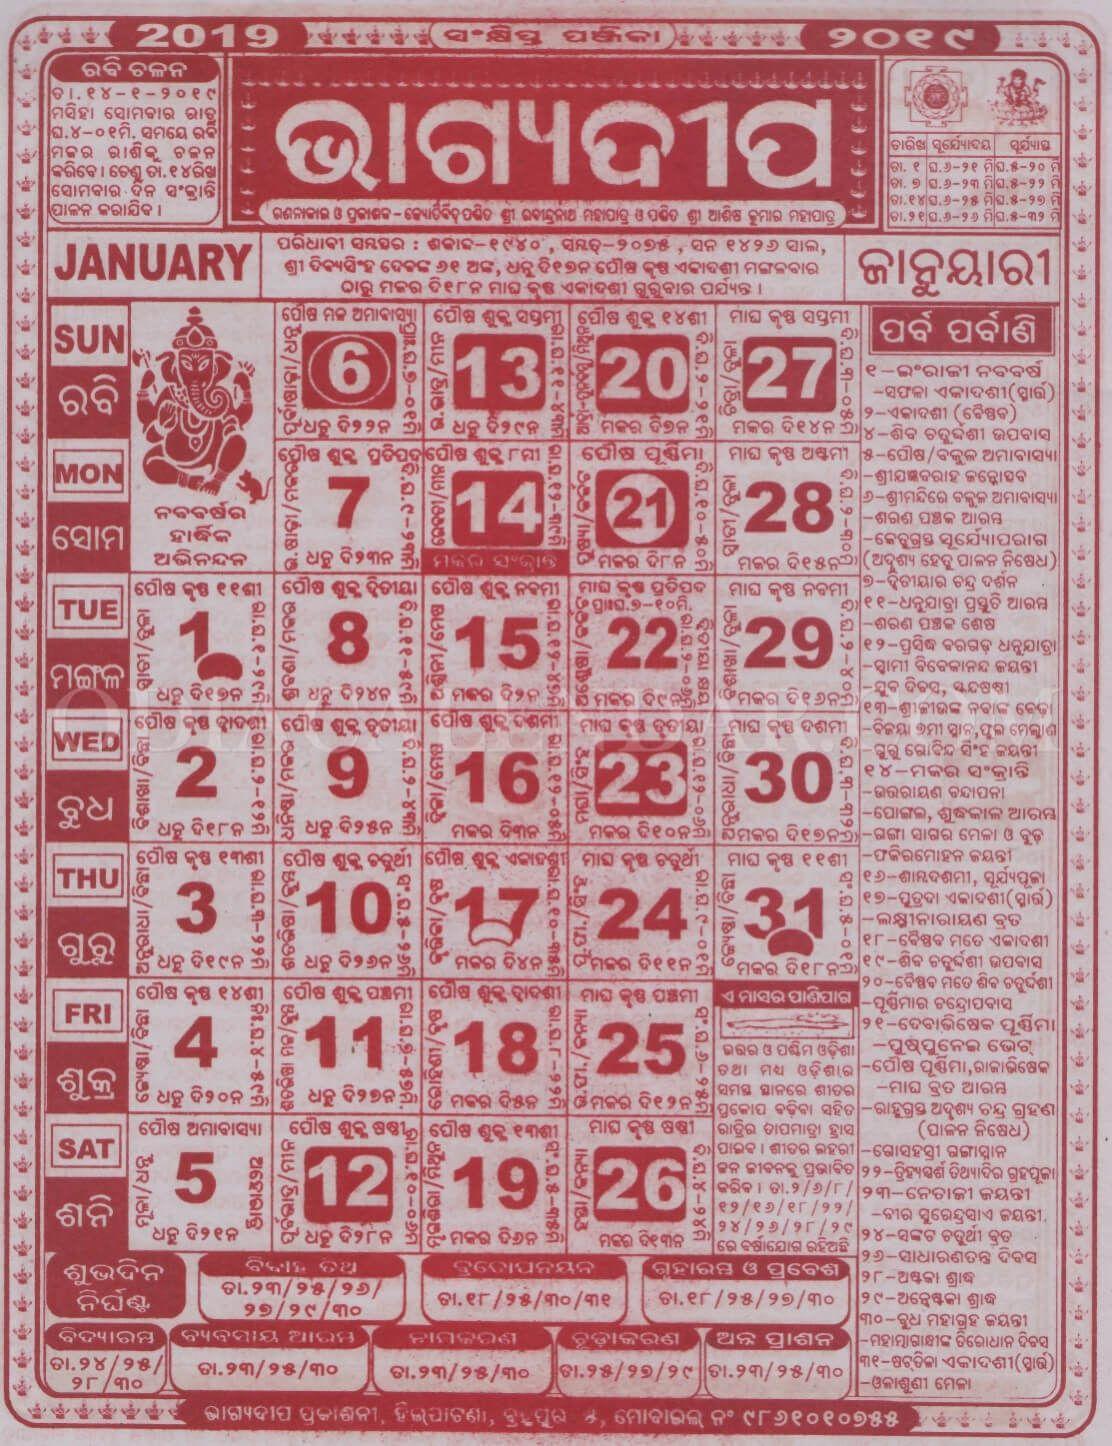 Bhagyadeep Calendar January 2019 In 2020 Calendar Calendar 2020 High Quality Images